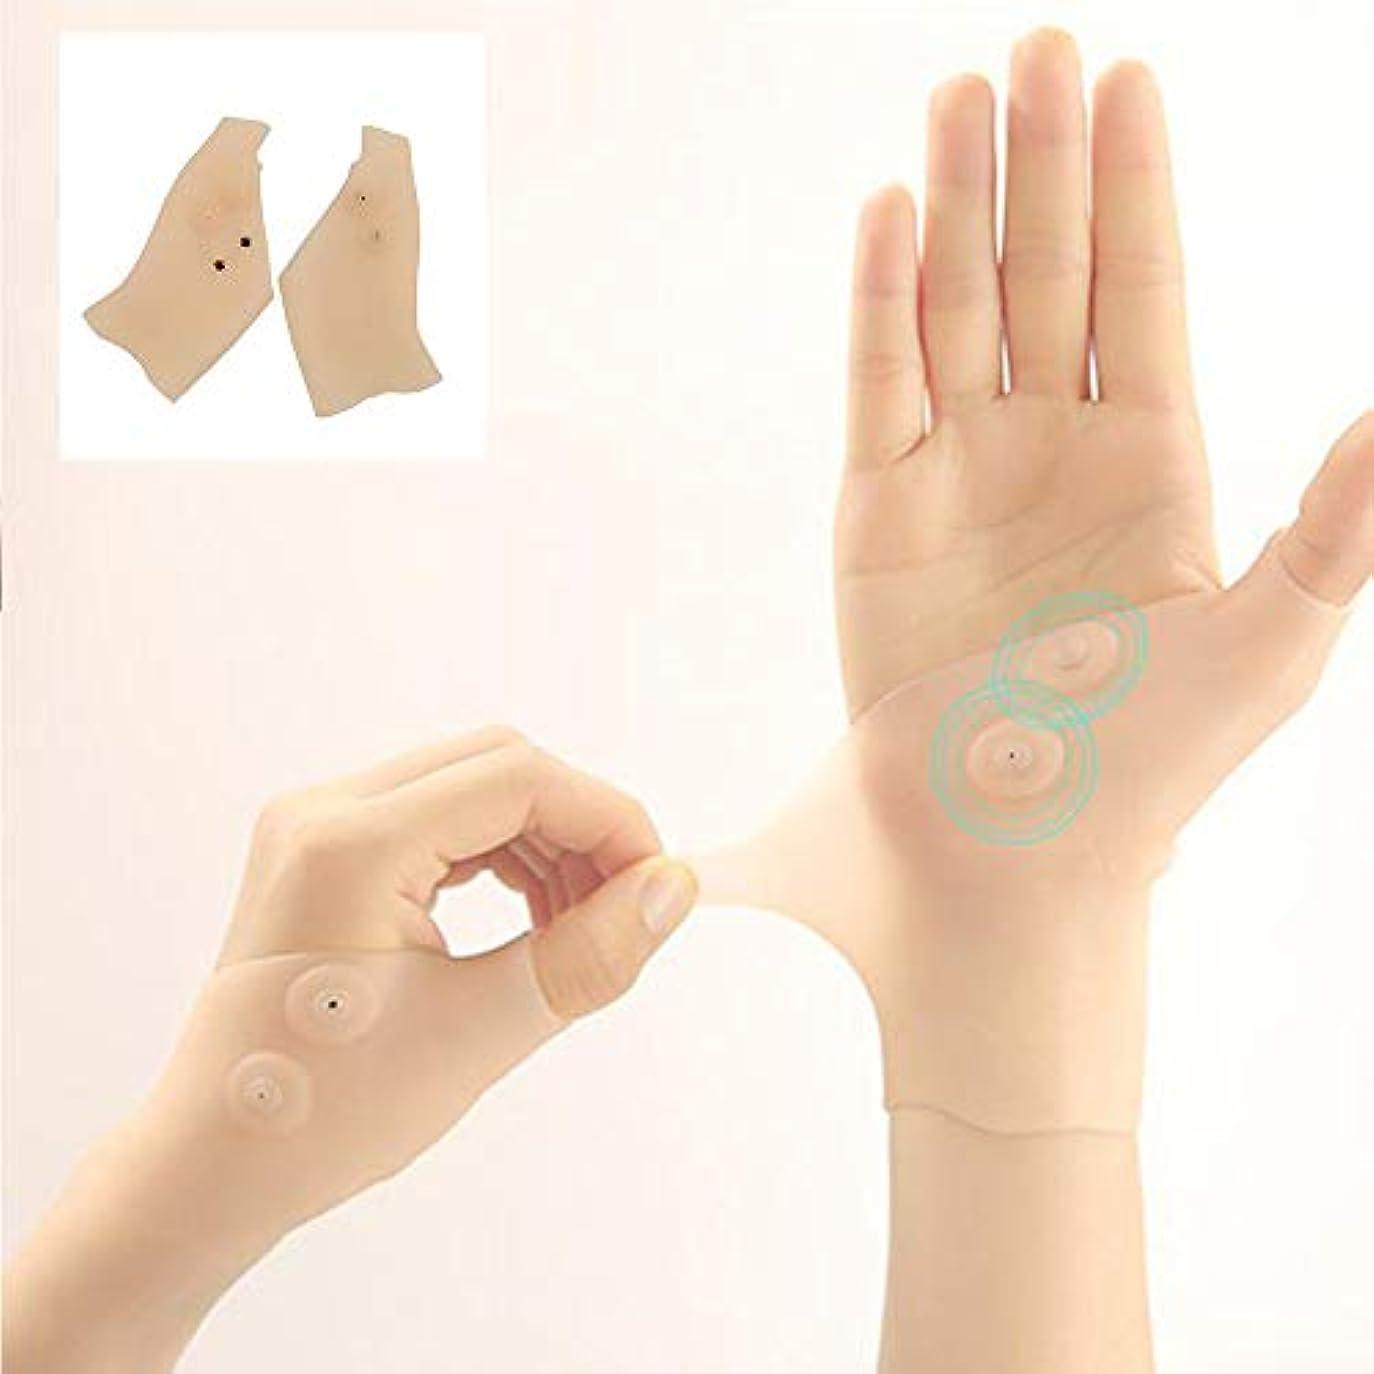 方程式豊富な毎月シリコーンゲル磁気療法手袋弾性力関節炎圧力健康手袋磁気療法ハーフフィンガー滑り止め手袋